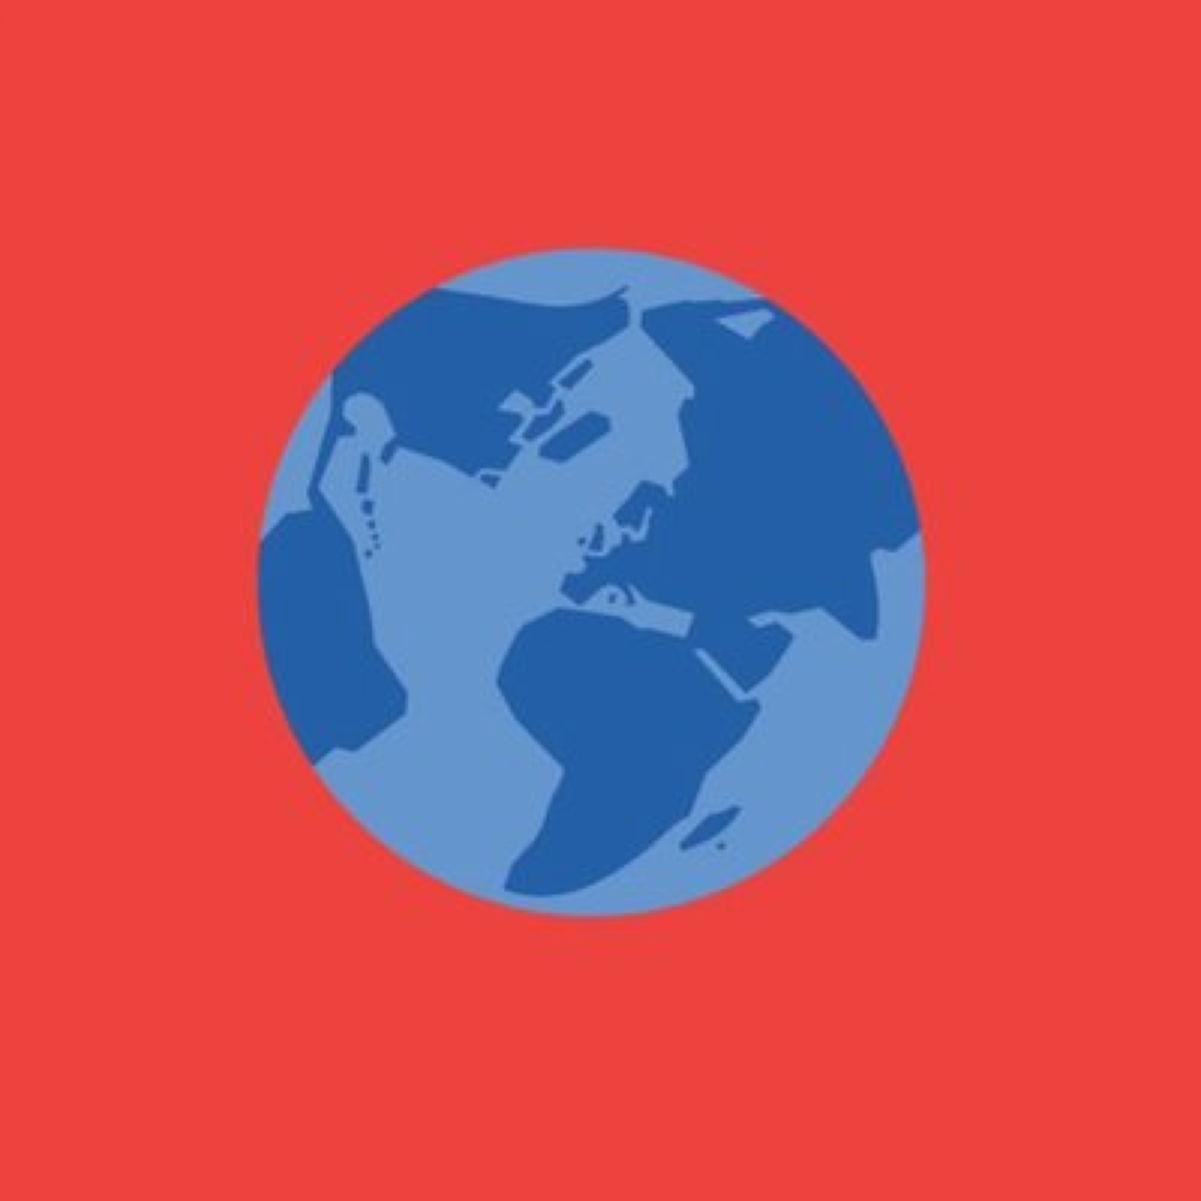 L'ADEME, agence nationale pour l'environnement